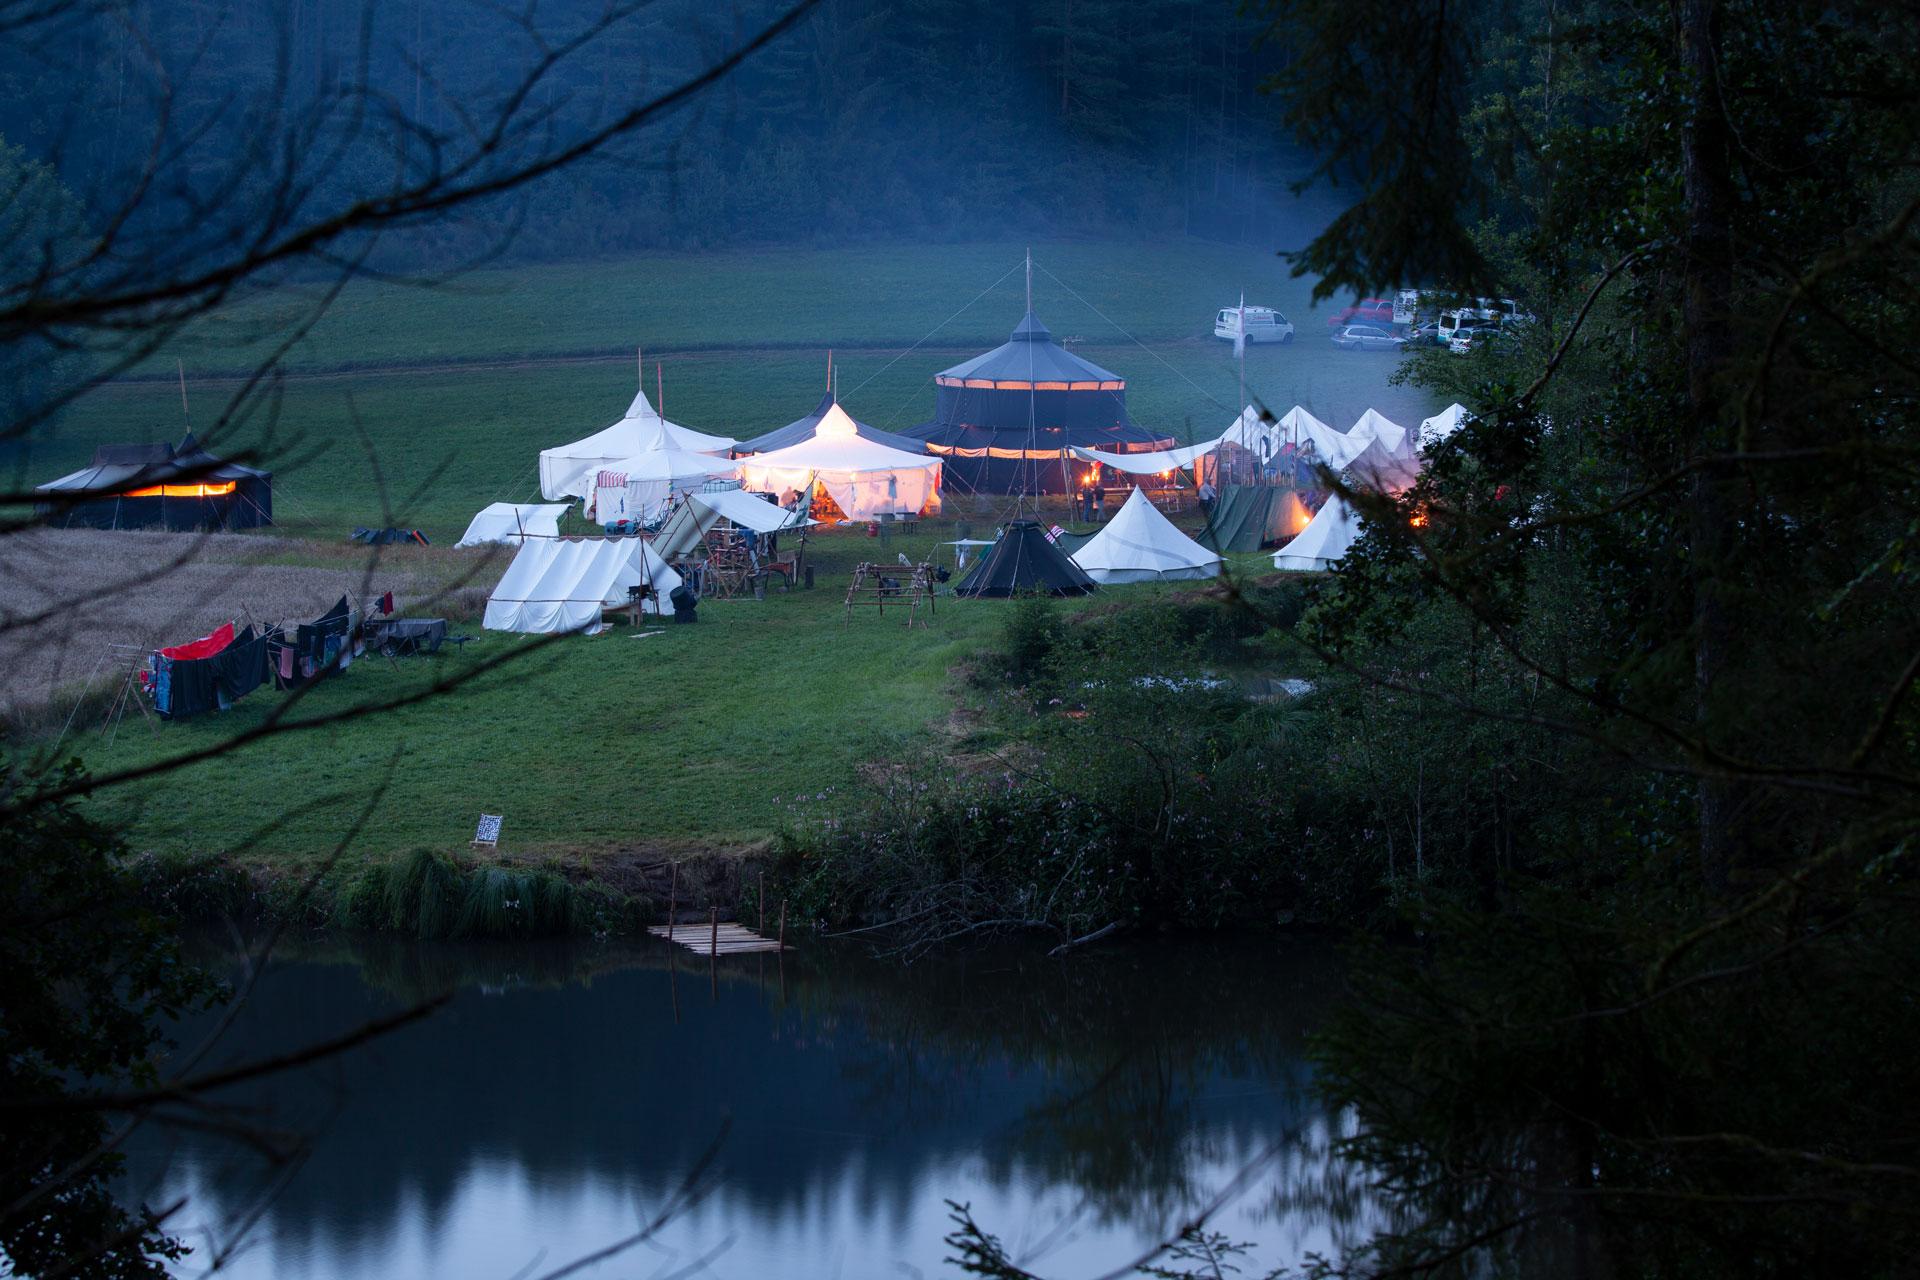 Pfadfinderlager der Sinzinger Pfadfinder mit Jurtenburg und Zelten